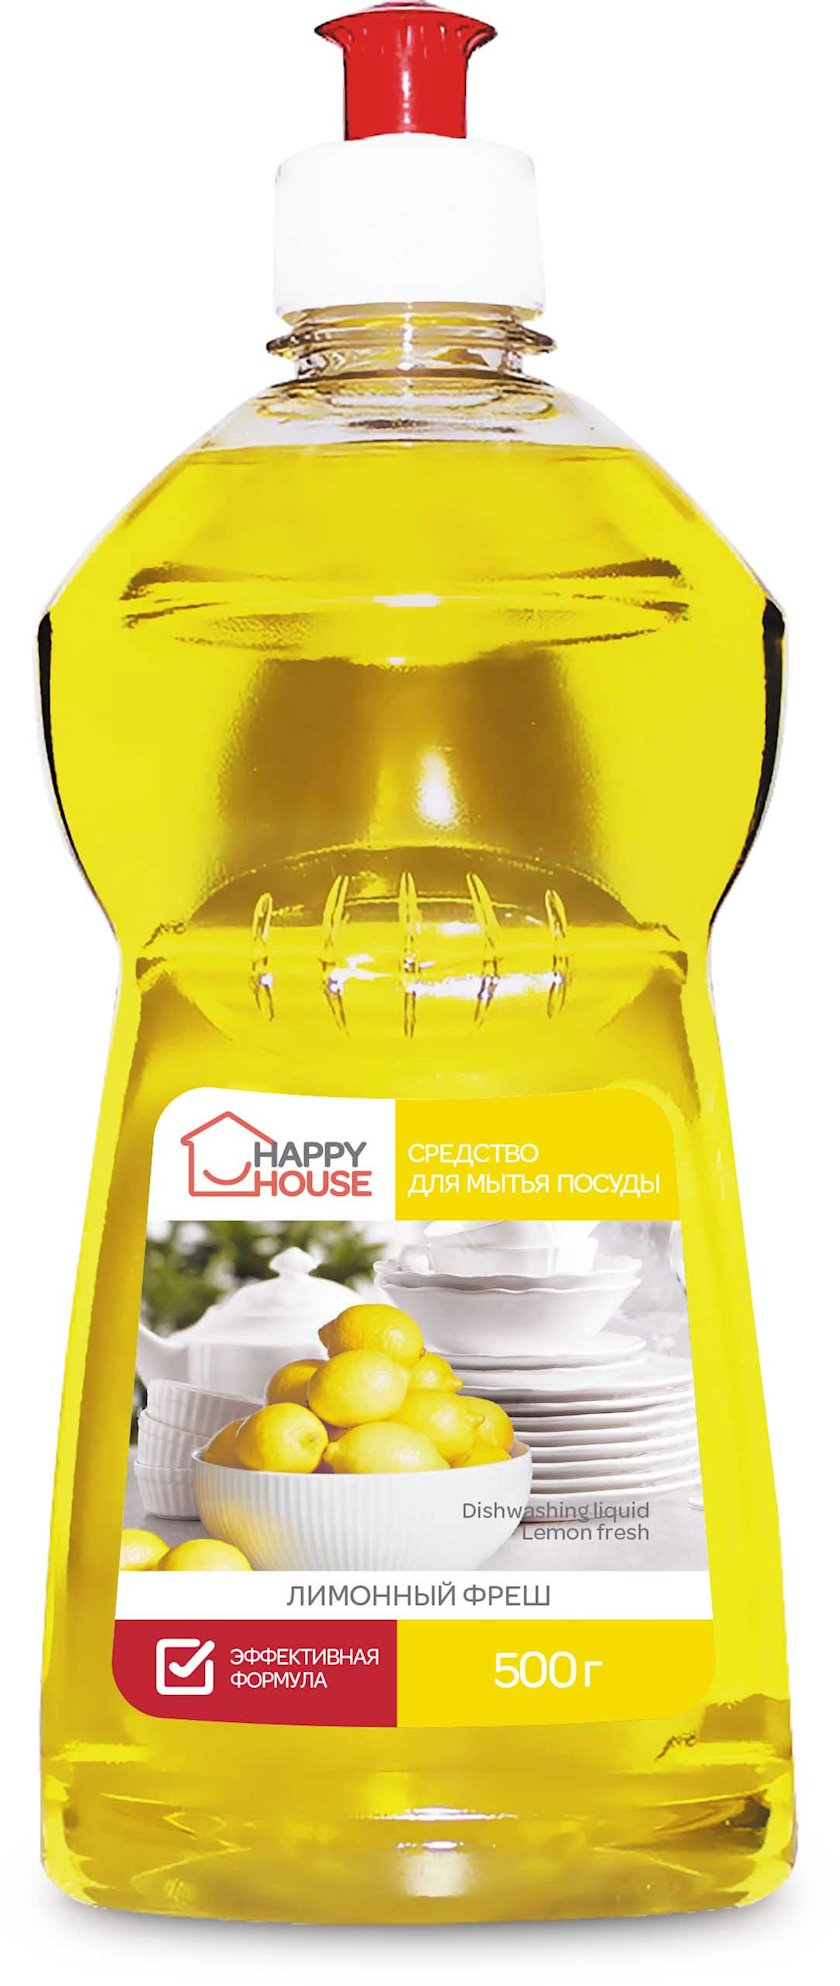 Qab yumaq üçün vasitə Romax Happy House Limon Fresh 500 q